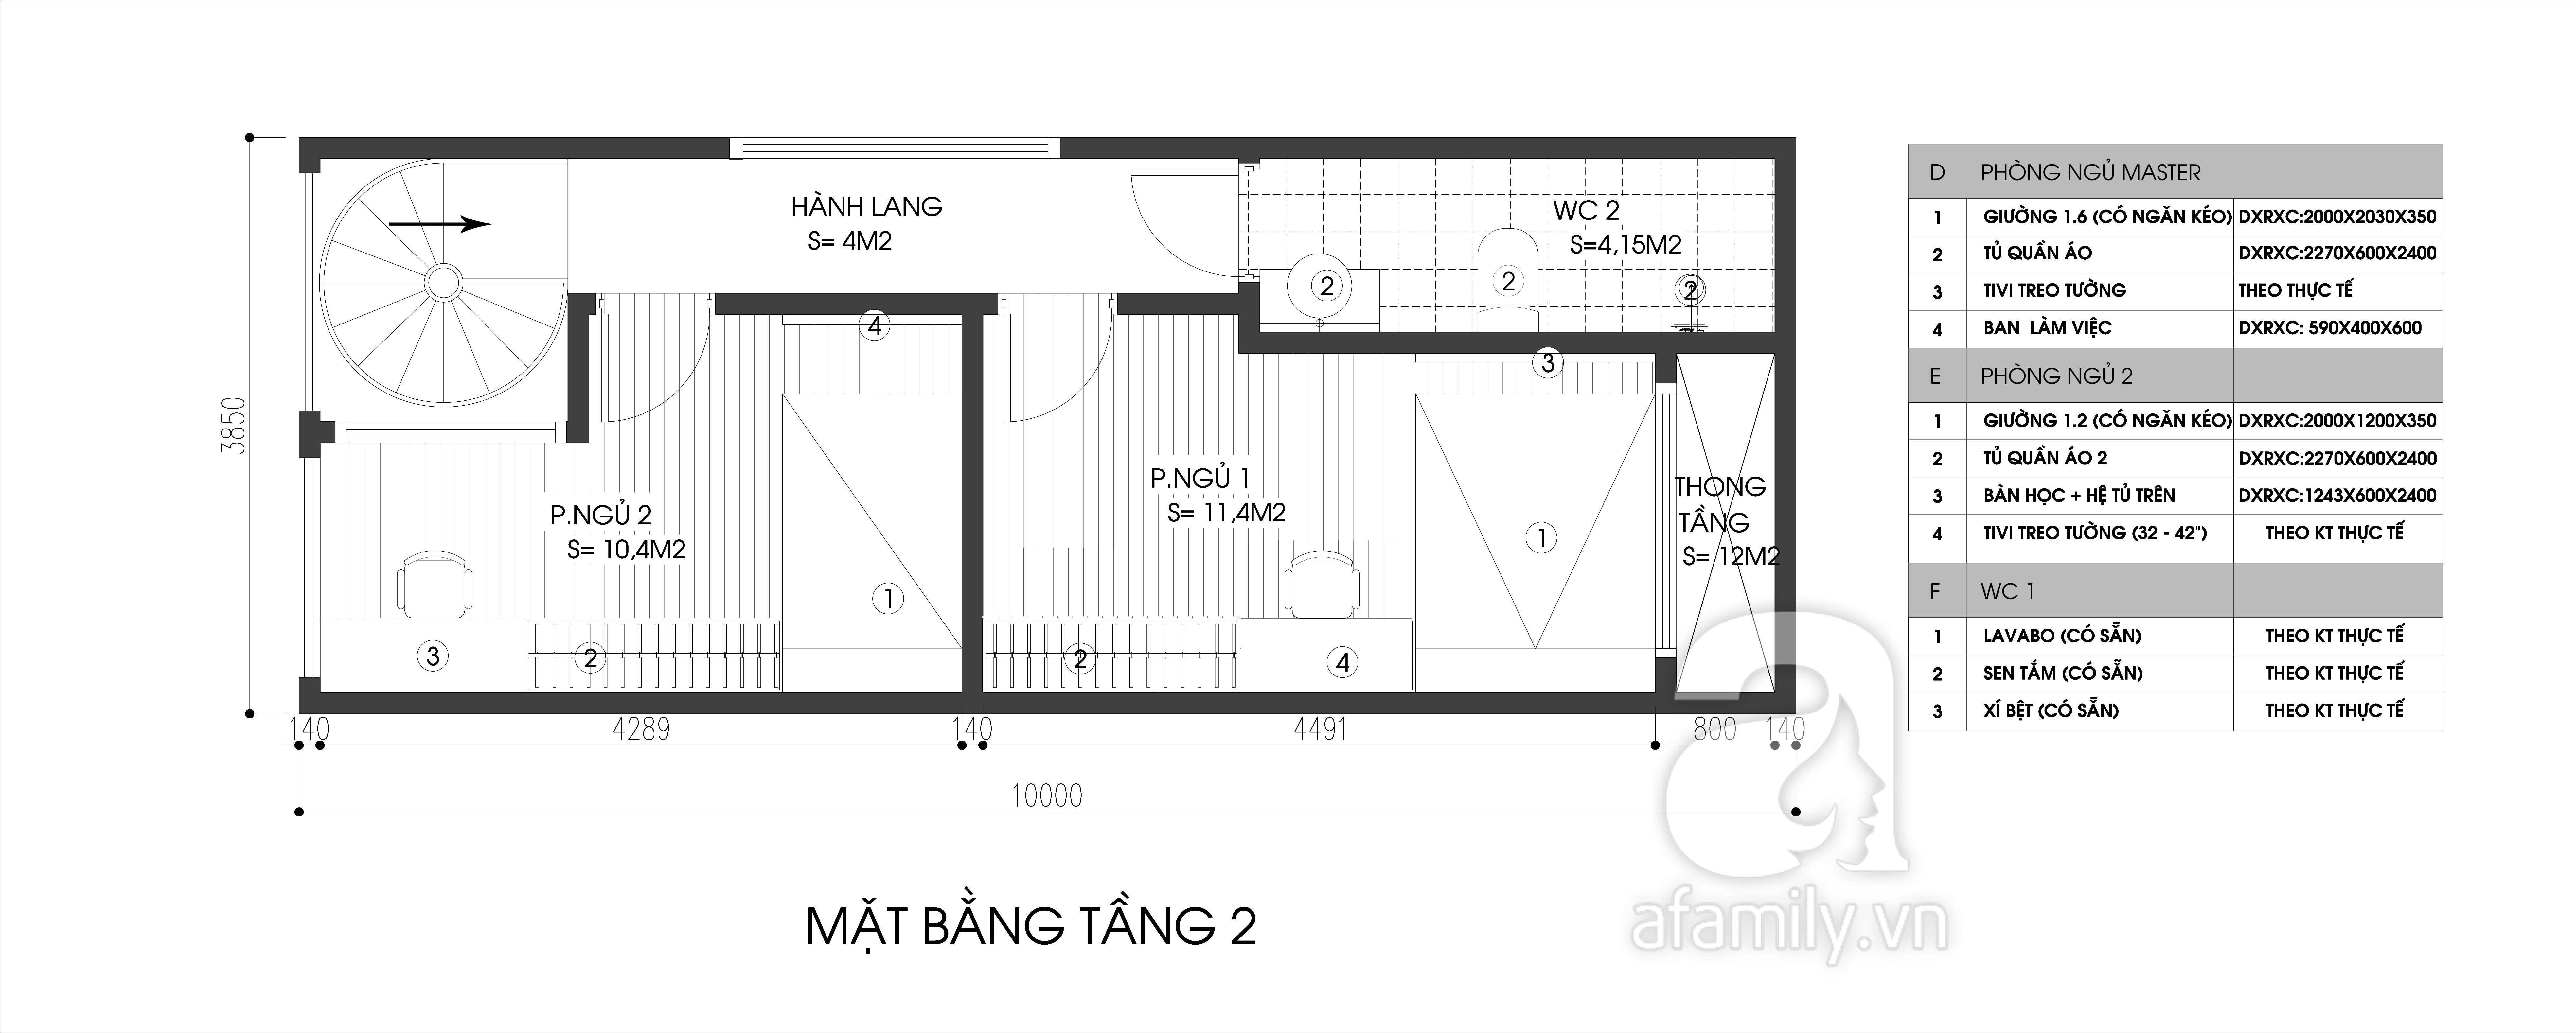 Mặt bằng tầng 2 - thiết kế nhà ống 3 tầng hiện đại 38,5m2